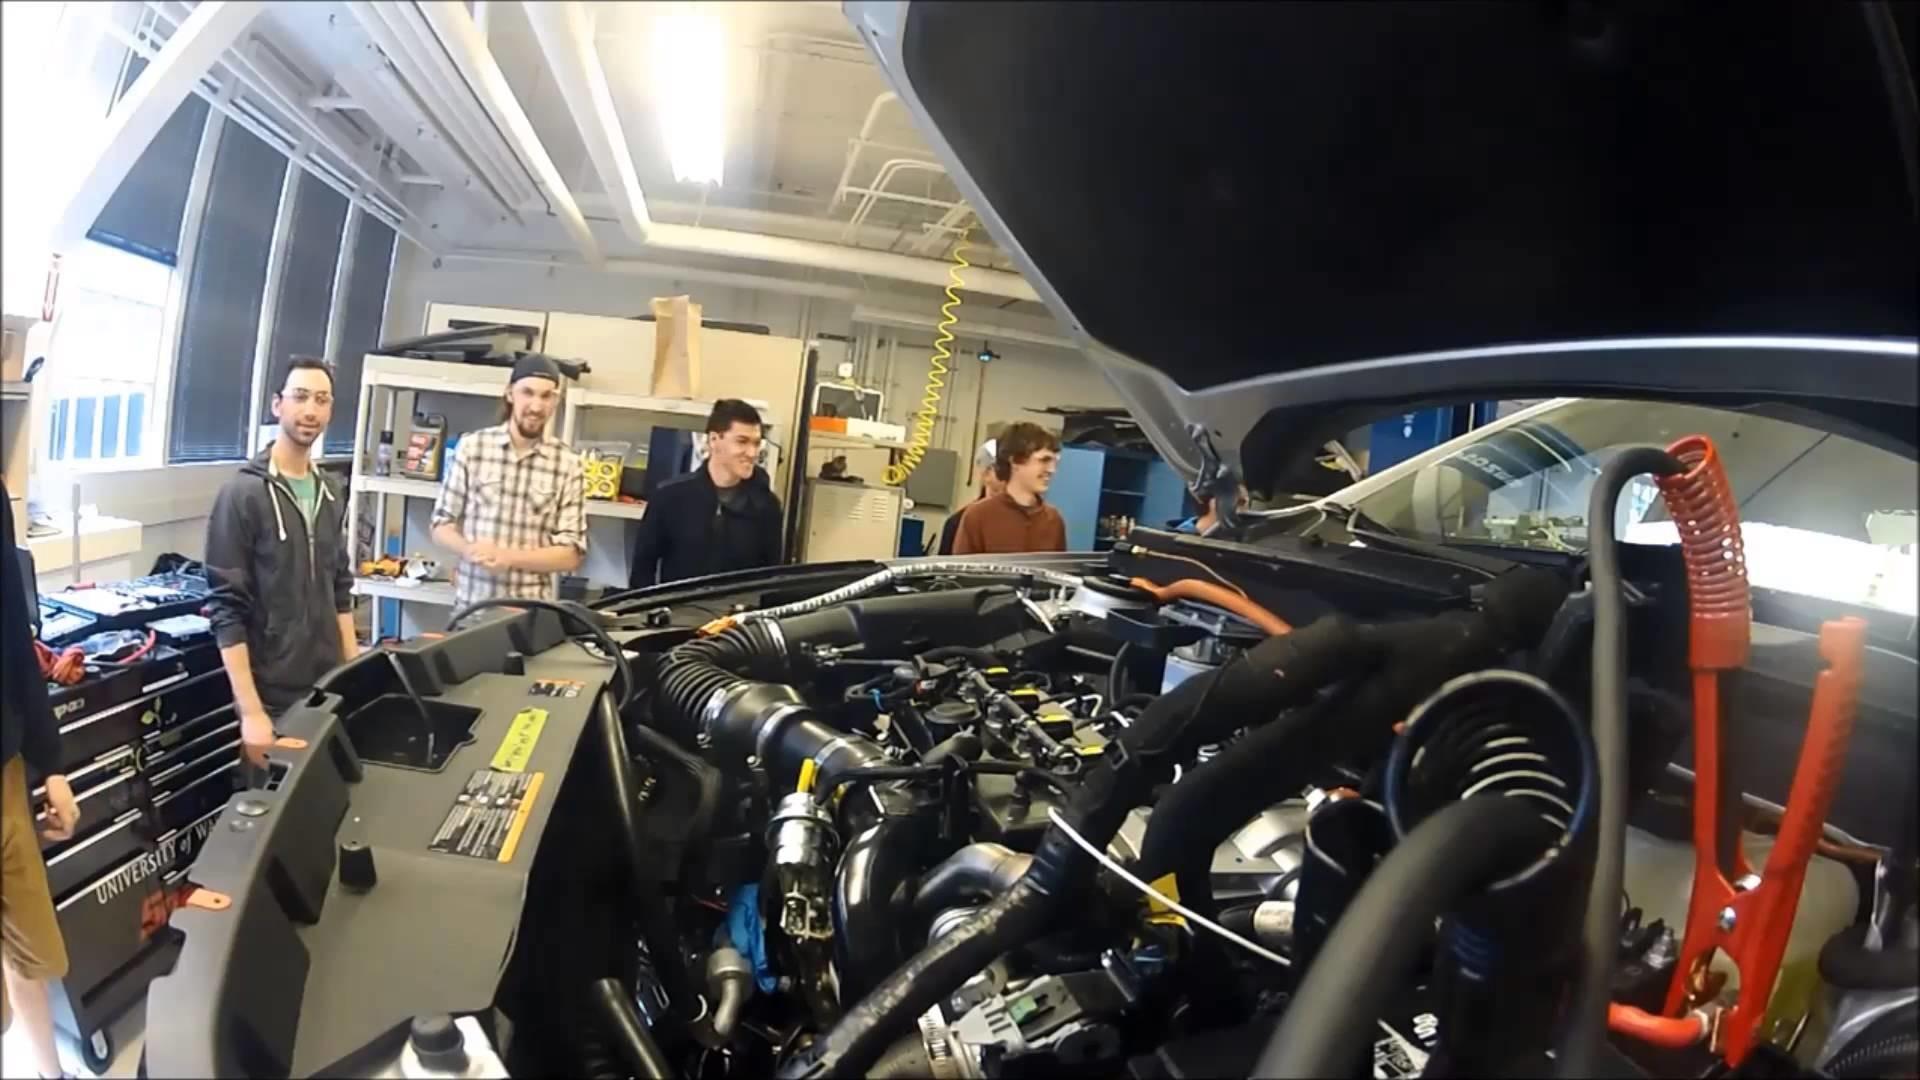 ecocar2, University of Washington, Ecocar, General Motors, Mechanical  Engineering